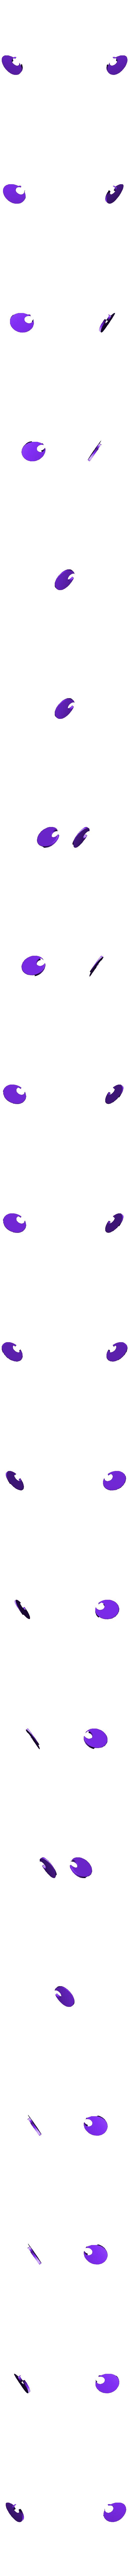 Pupil_Black.stl Télécharger fichier STL gratuit Porte-stylo Hérisson Multi-Couleurs Hérisson • Modèle pour impression 3D, MosaicManufacturing